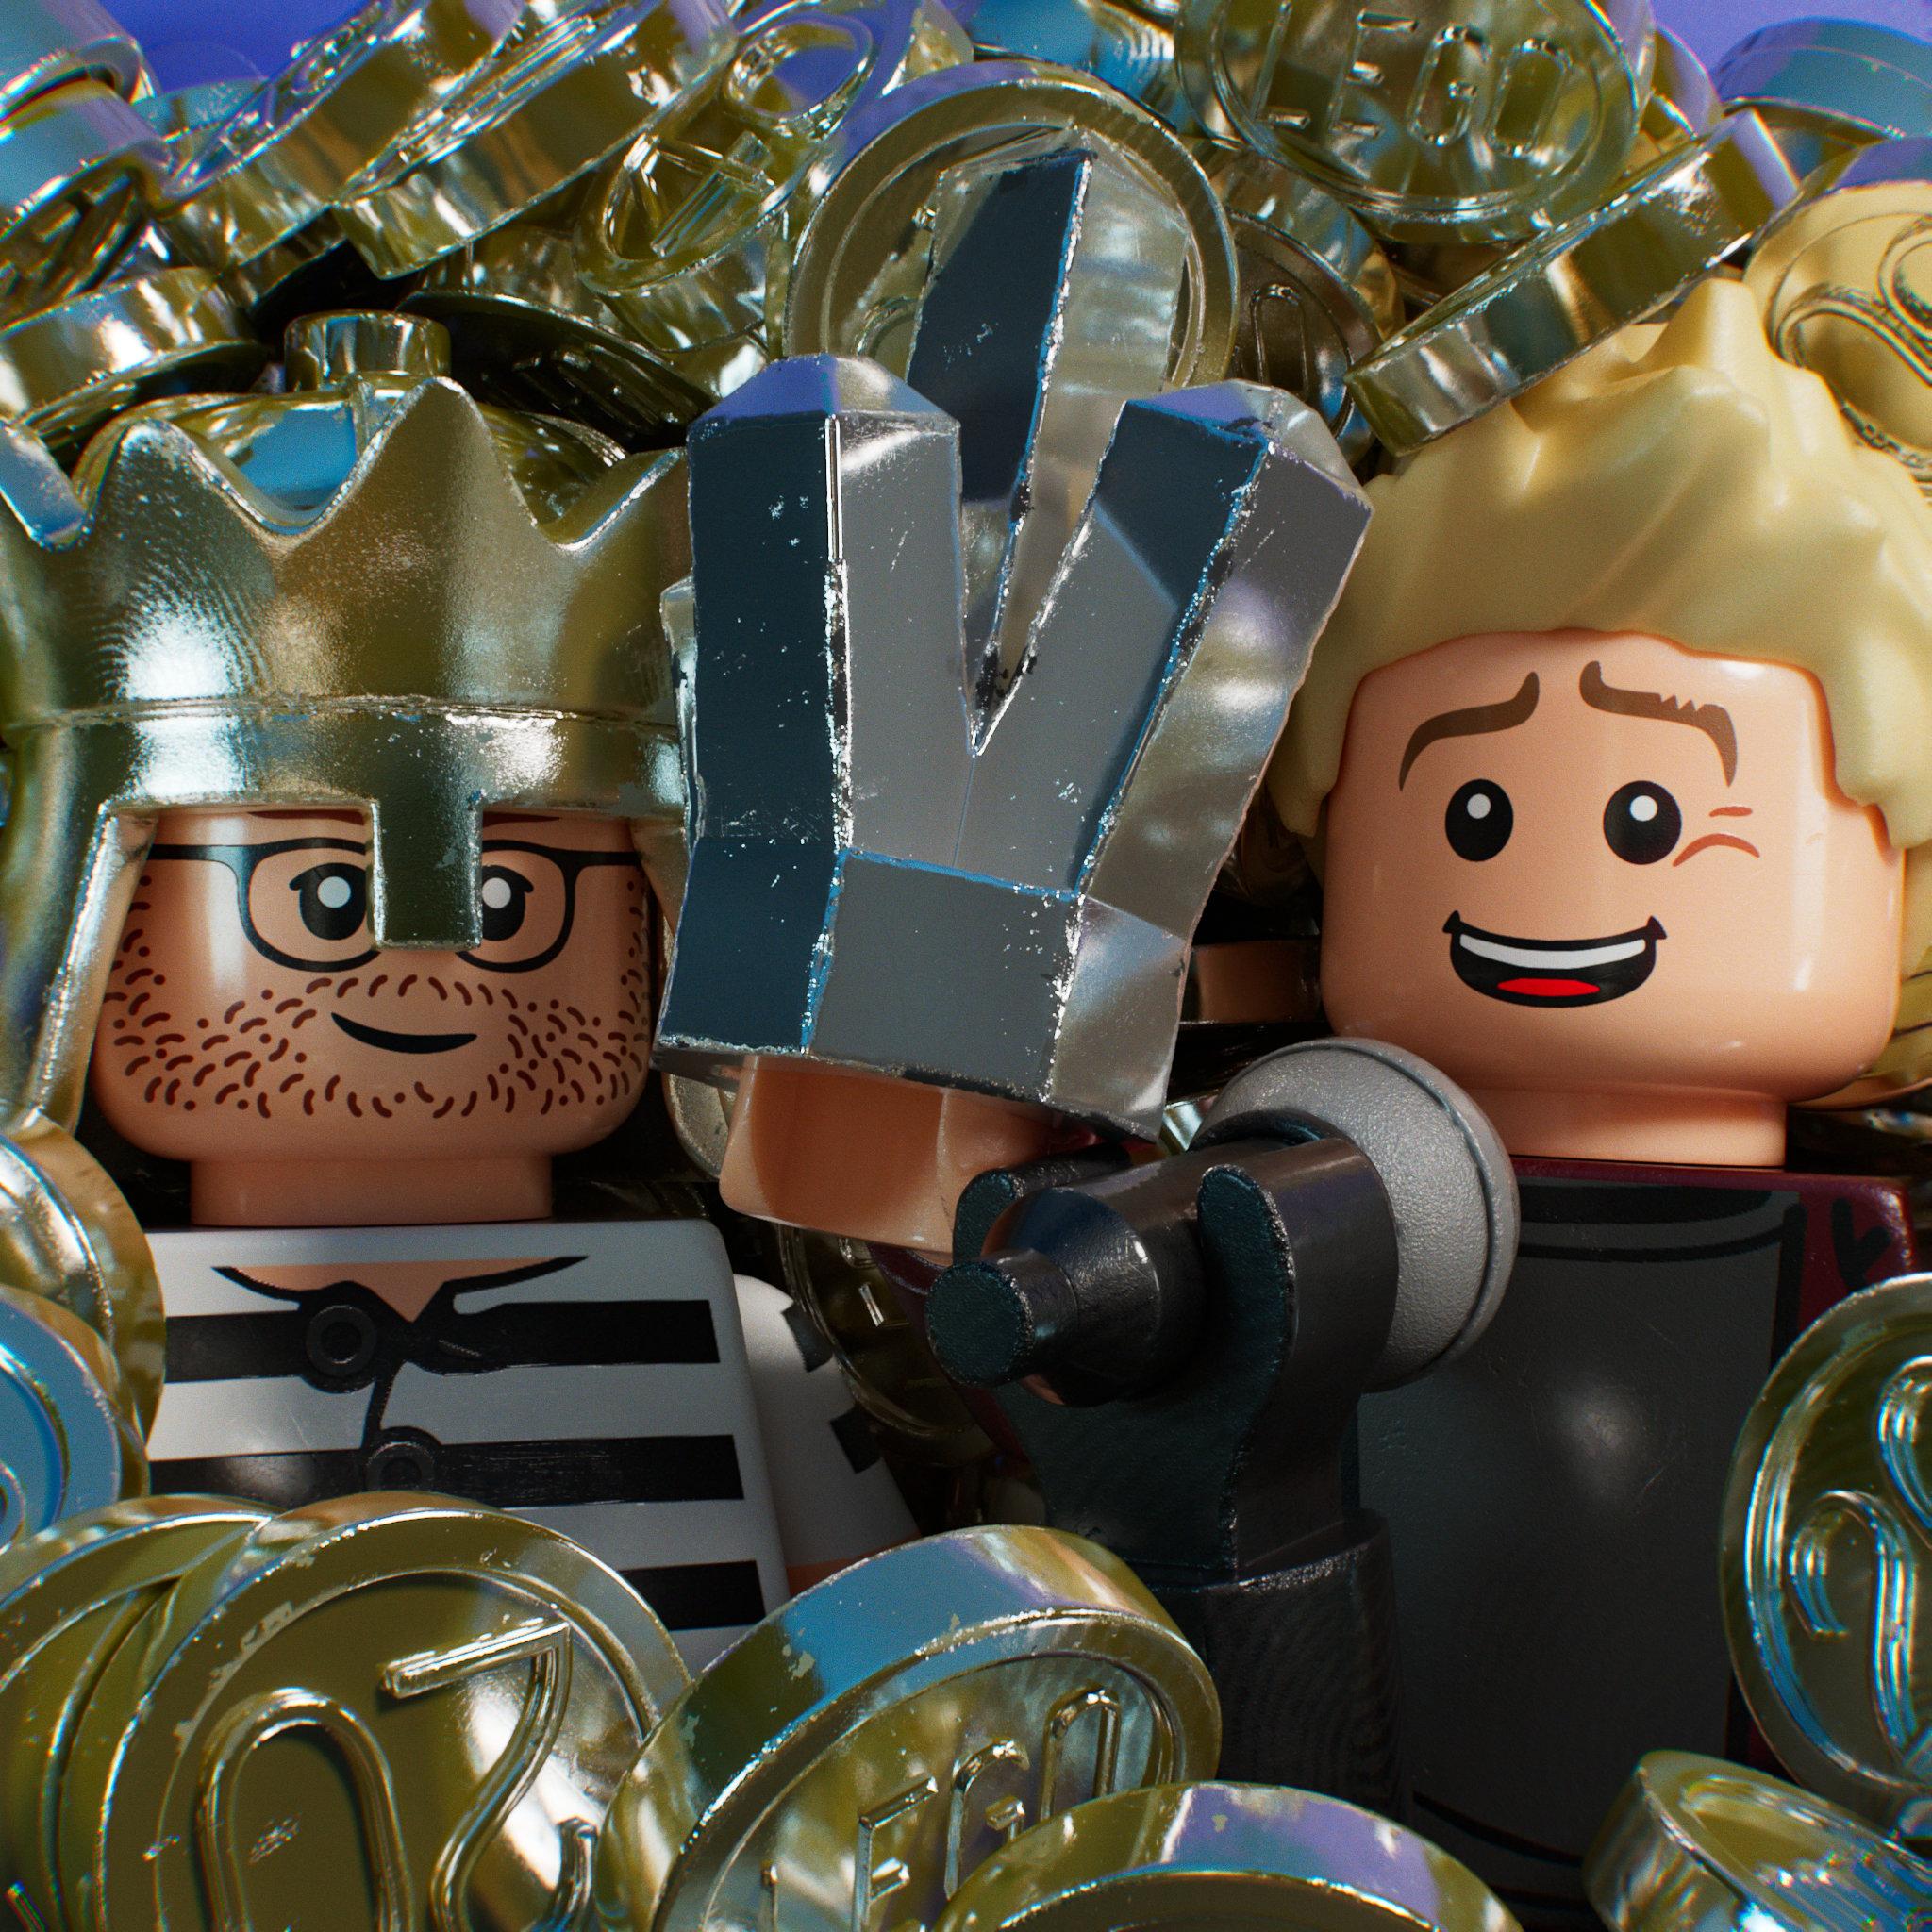 Ep. 4 – Shiny, Chrom-y, Metallic-y: LEGO from 1995